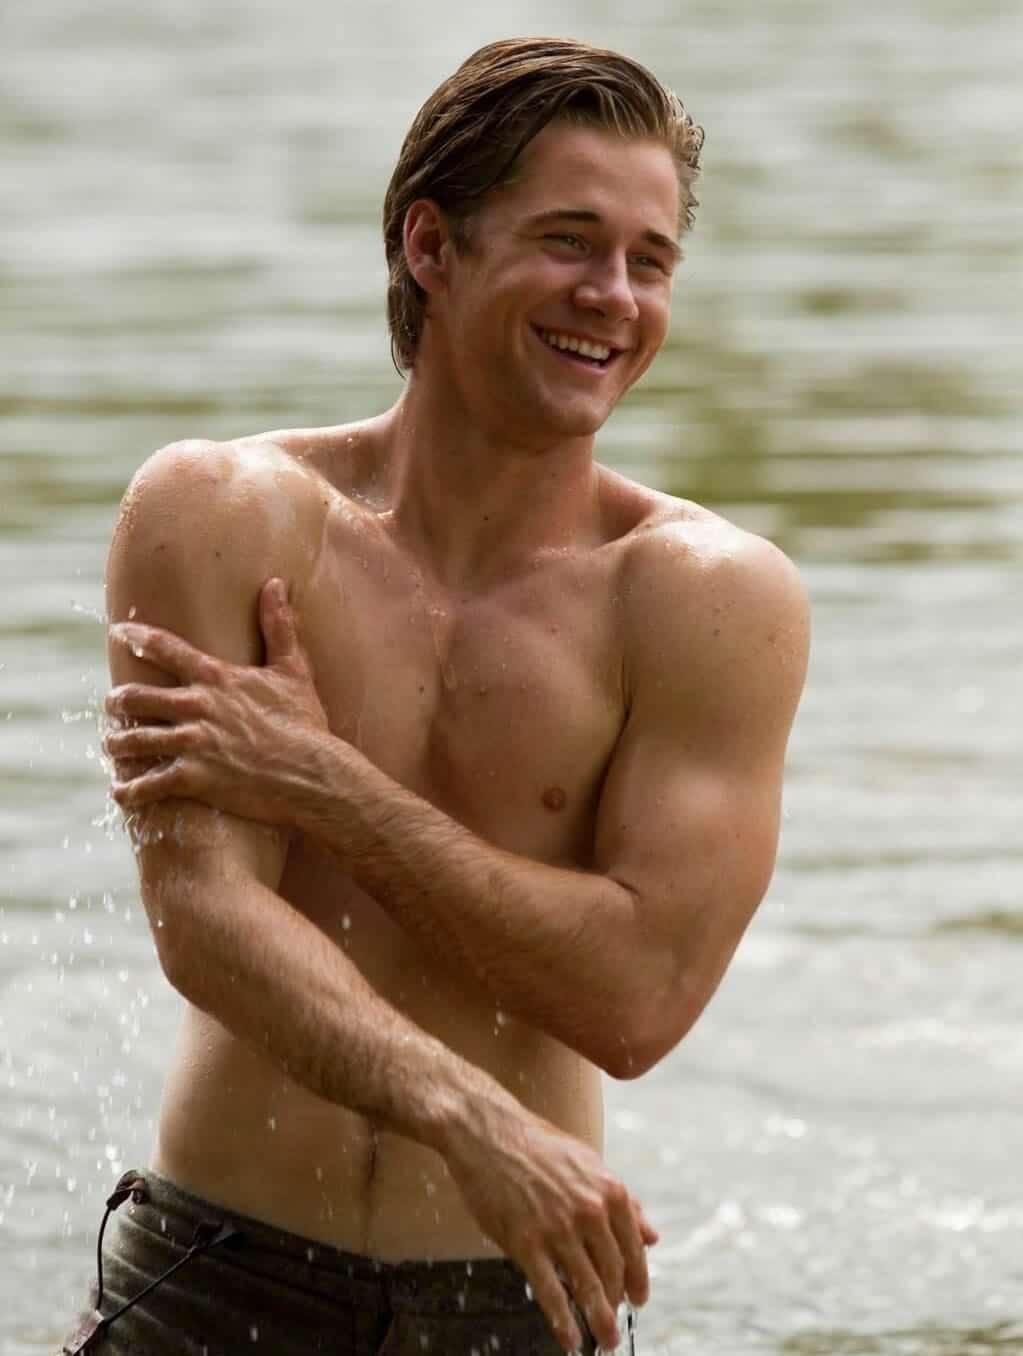 Luke Benward shirtless